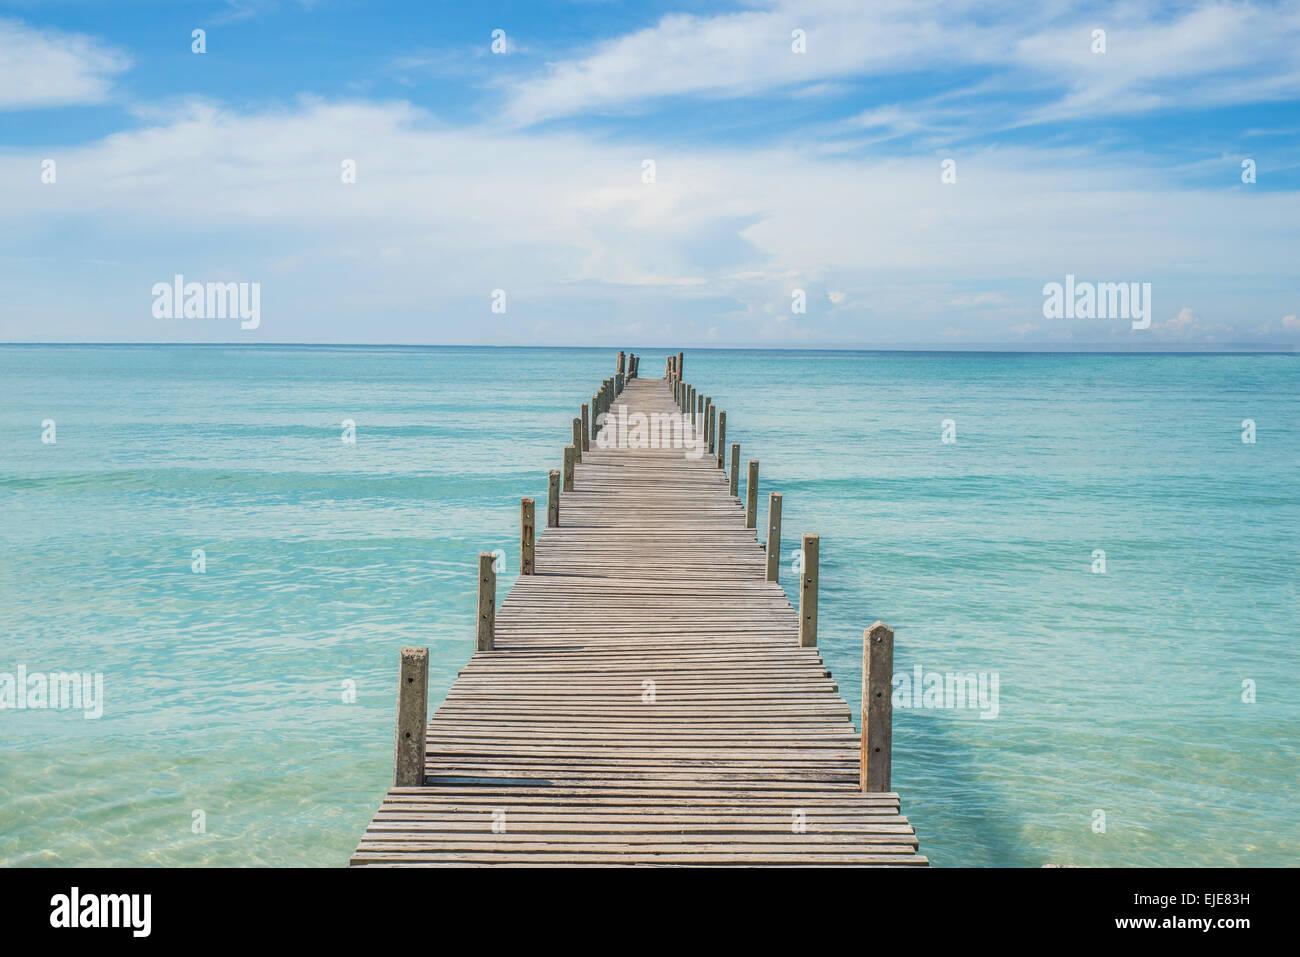 L'été, les voyages, vacances et Maison de Vacances - concept jetée en bois à Phuket, Thaïlande Photo Stock